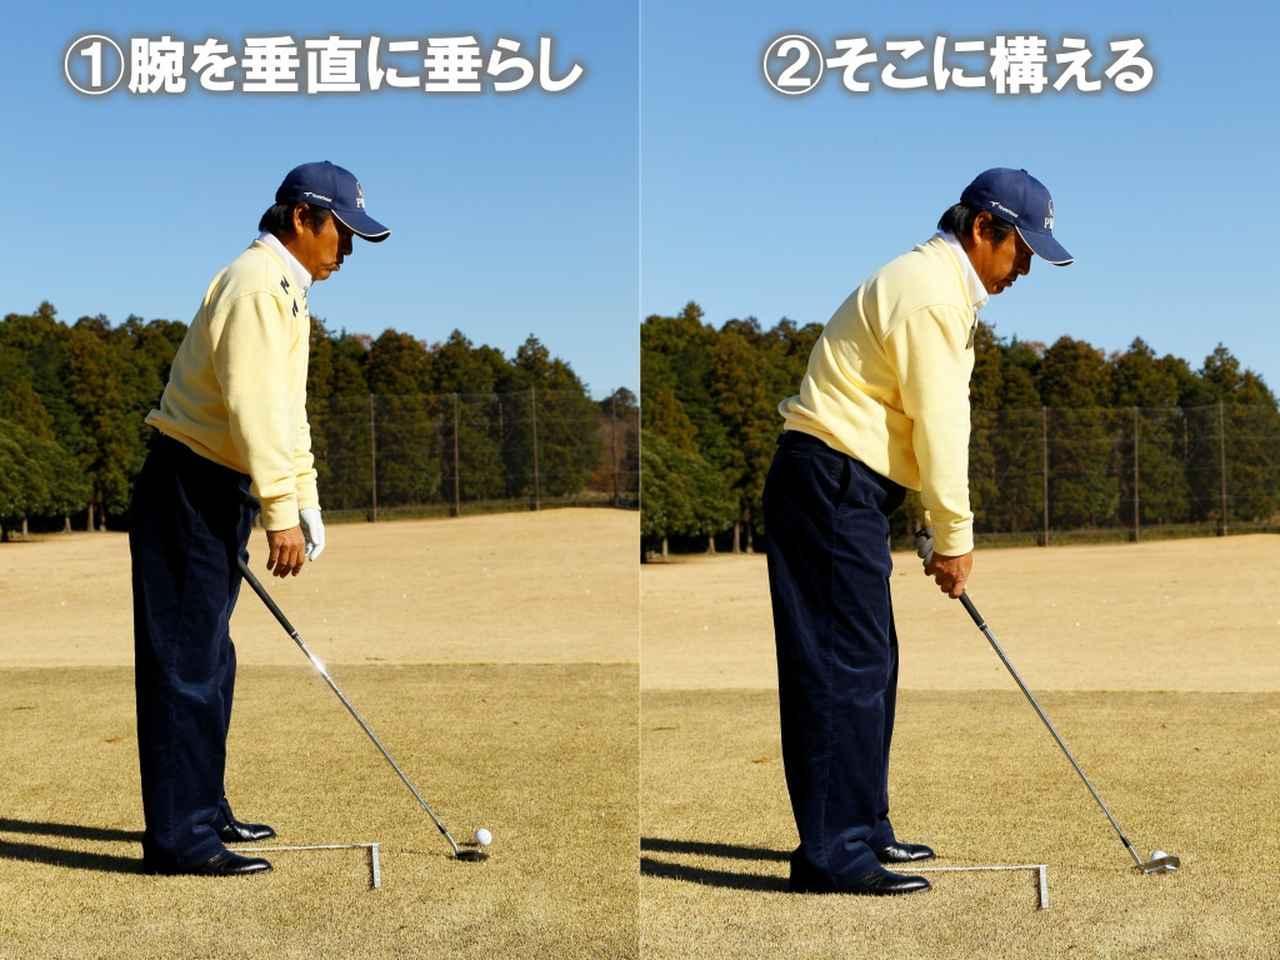 画像: 引力に逆らわず腕をダラーン垂らす